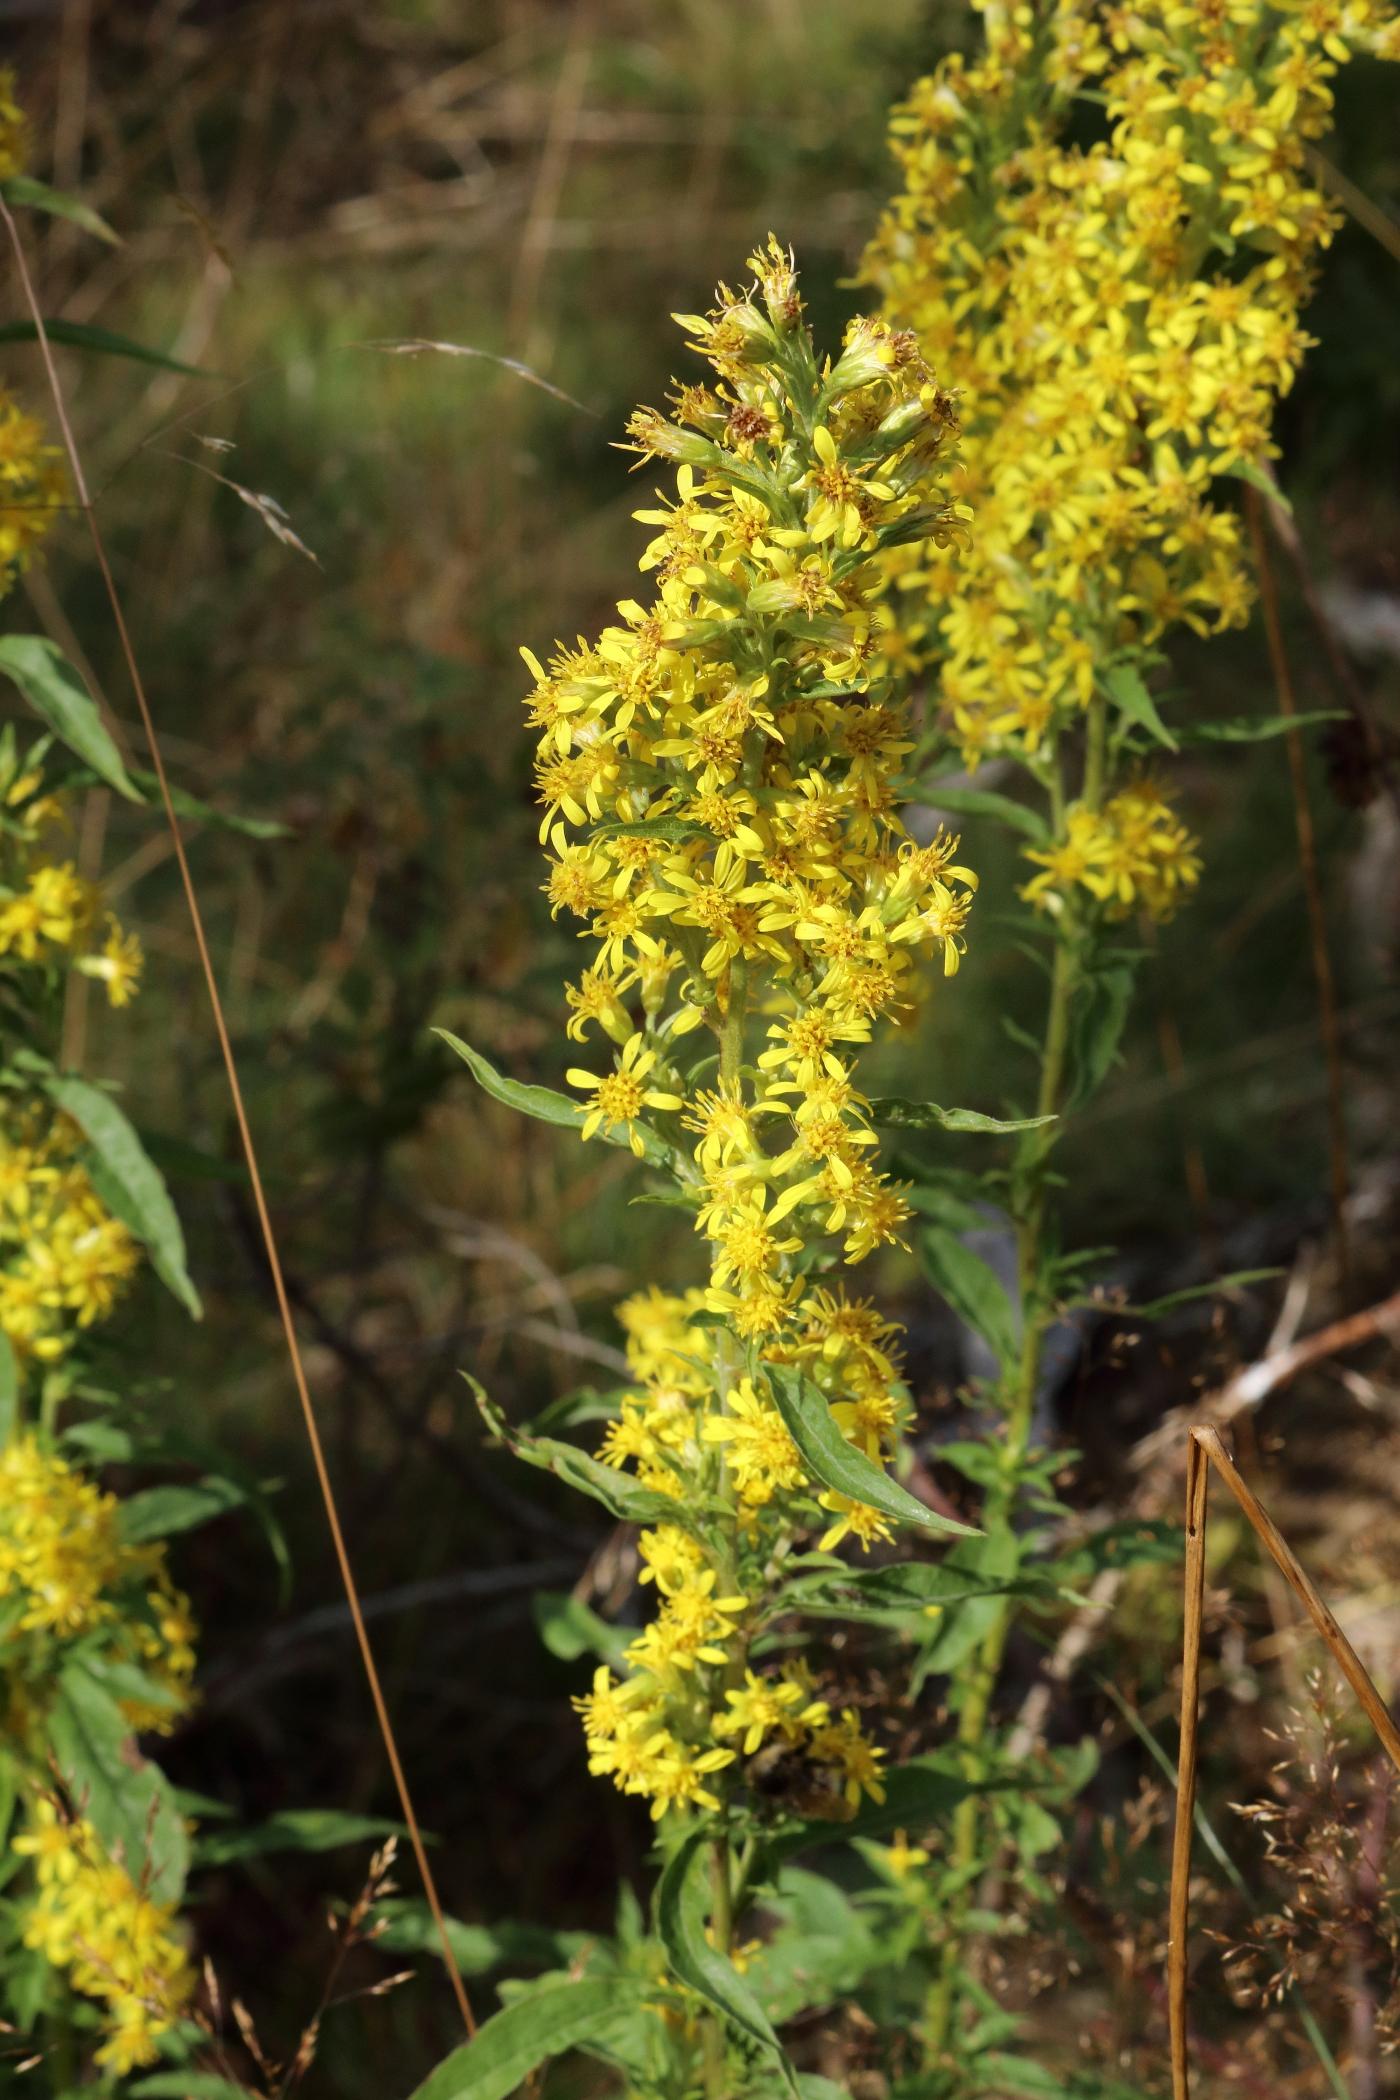 Gewöhnliche Goldrute - Blütenstand